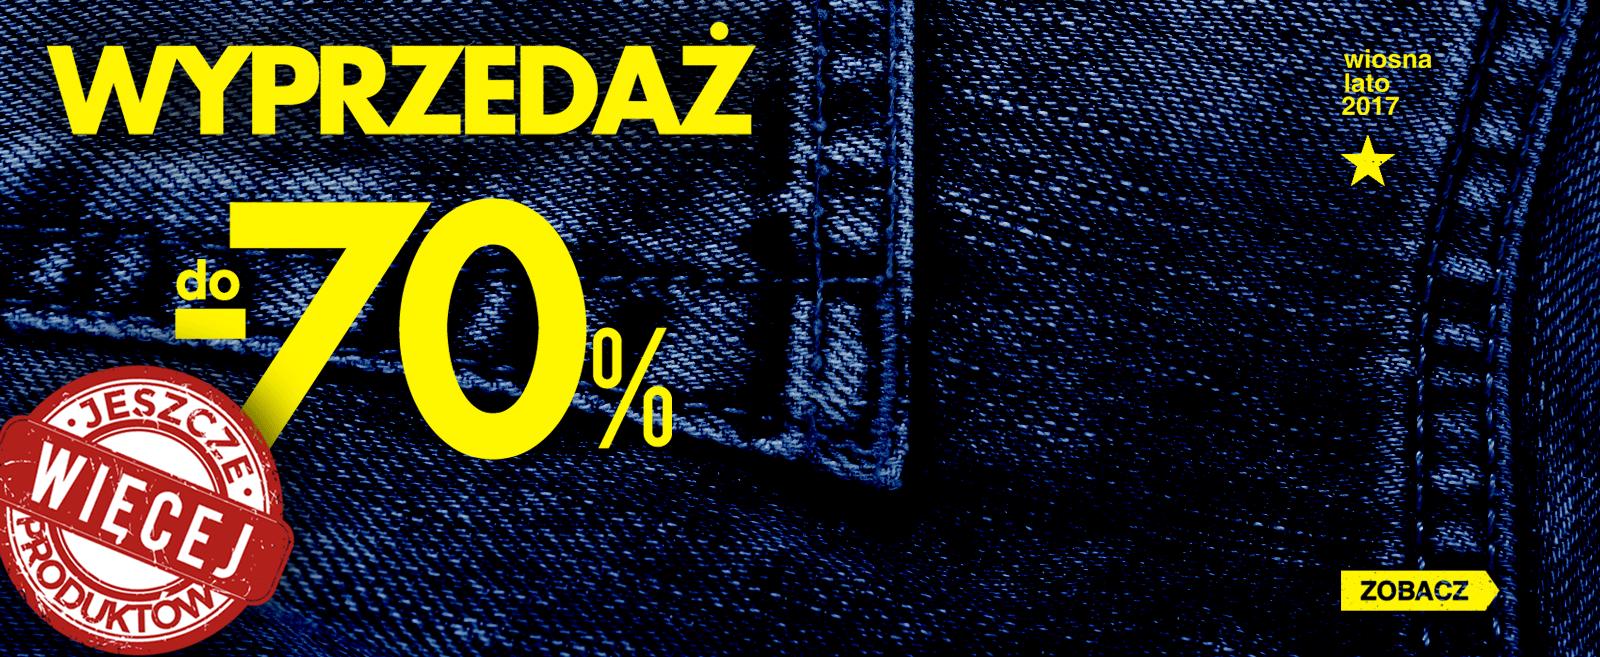 Big Star: wyprzedaż do 70% rabatu dżinsy, odzież i dodatki